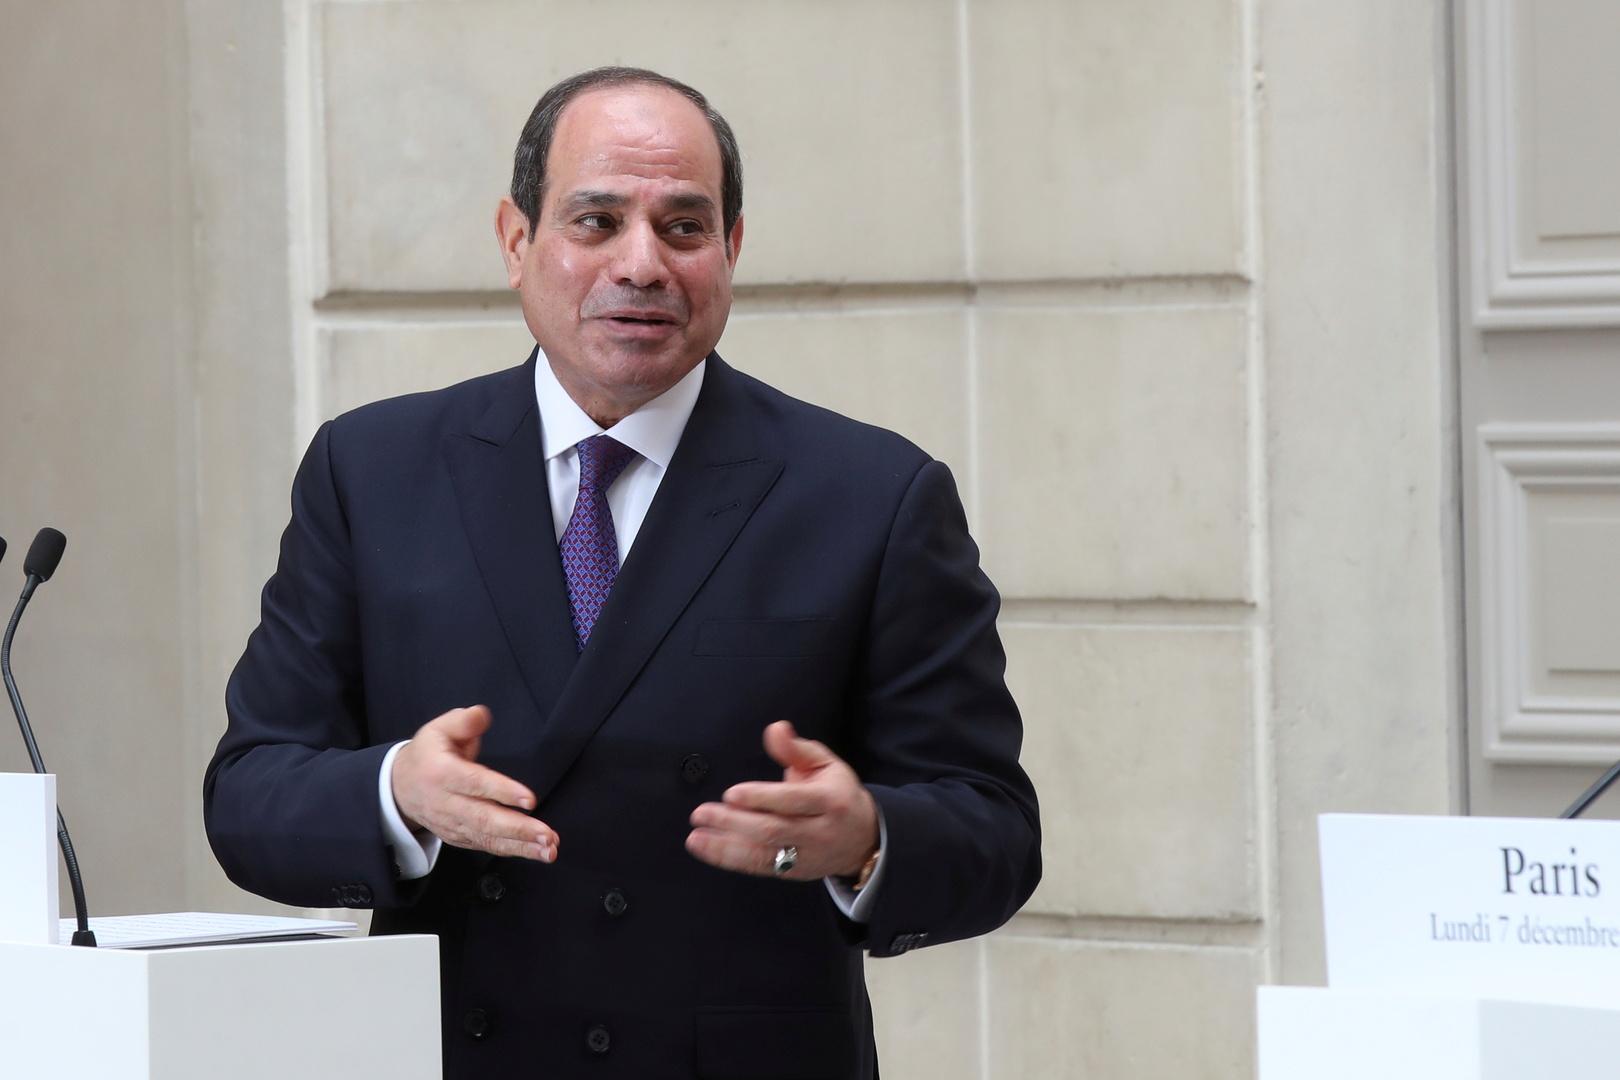 السيسي مطلقا استراتيجية حقوق الإنسان: 2011 كانت شهادة وفاة للدولة المصرية